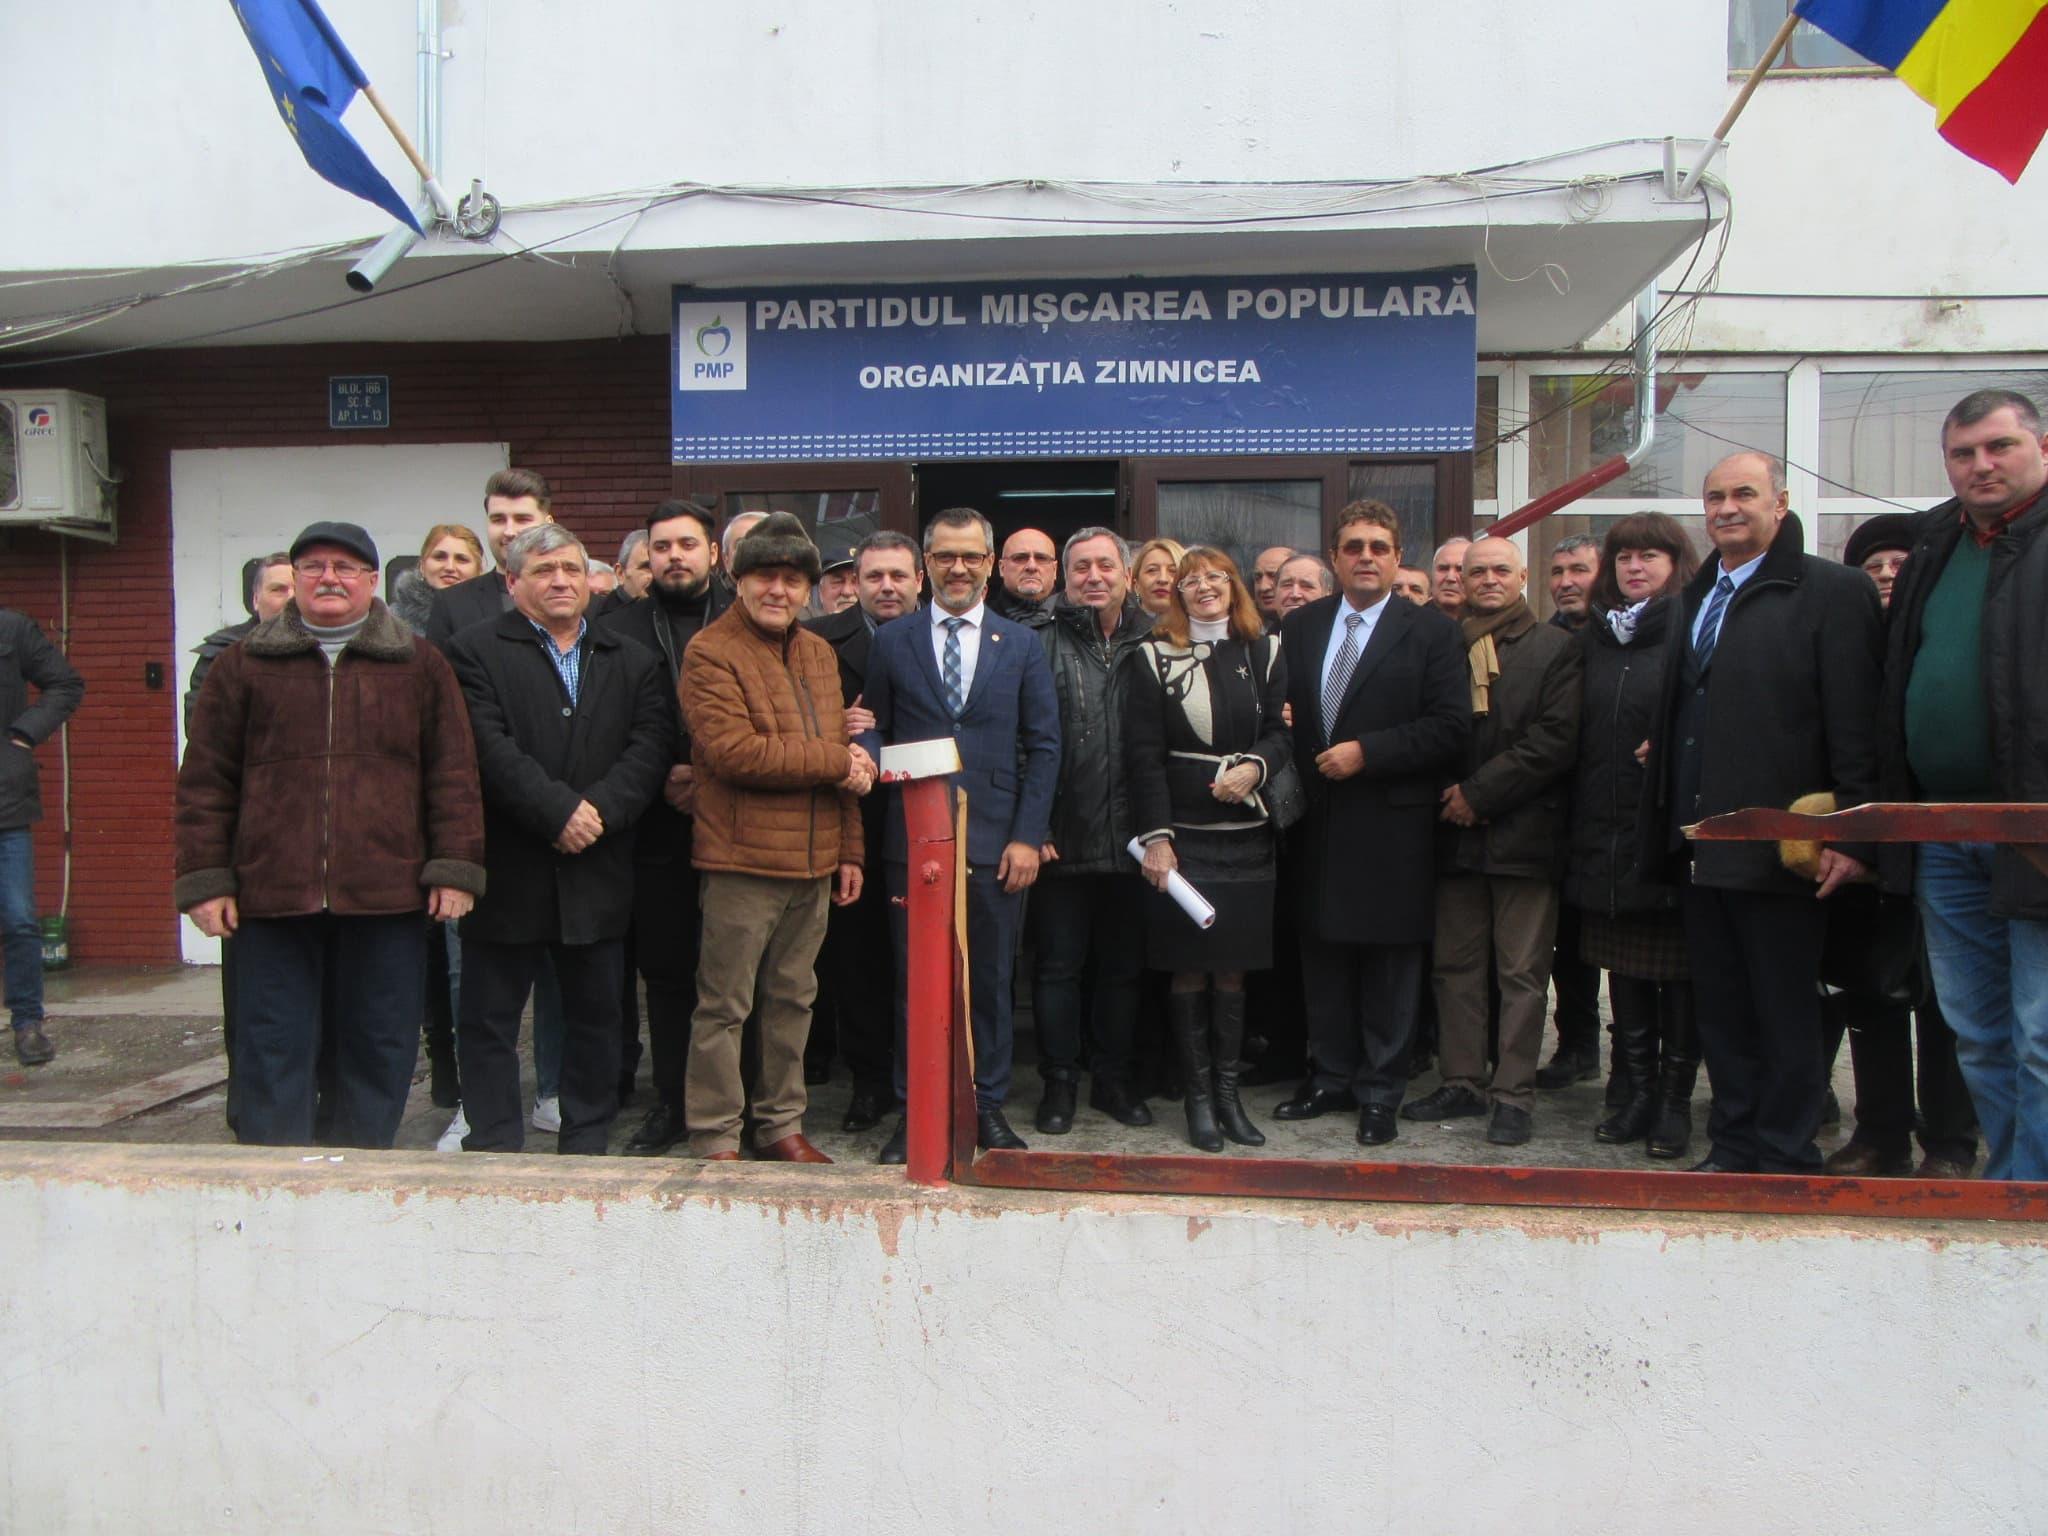 PMP Teleorman a dat lovitura. Teodor Niţulescu s-a înscris în partid. Zeci de cetăţeni au semnat adeziunea… la prima strigare!